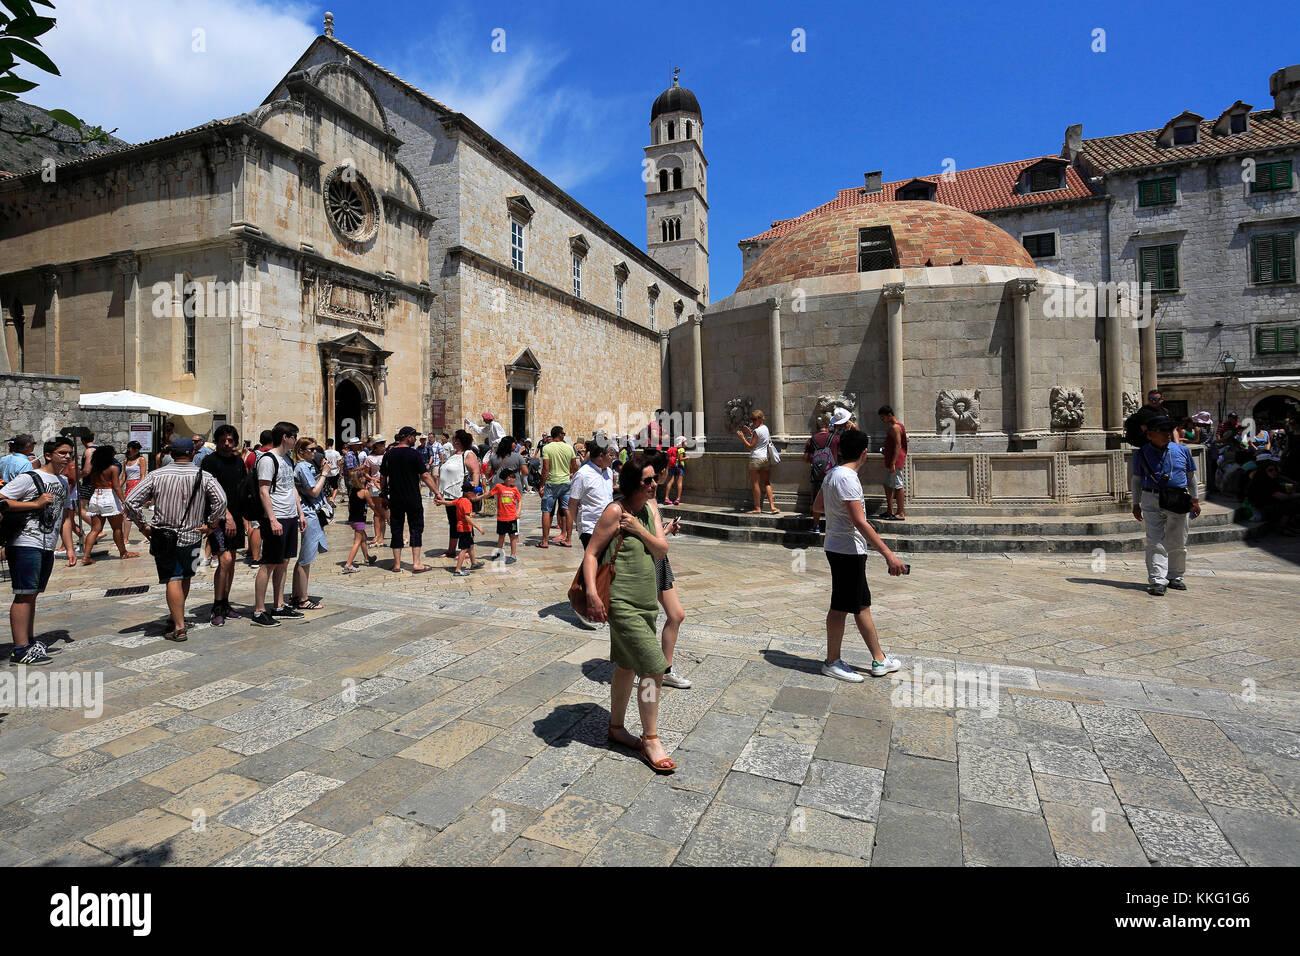 La gran Onofrios Fountain, Main Street, Dubrovnik, del condado de Dubrovnik-Neretva, Costa dálmata, el Mar Adriático, en Croacia, los Balcanes, Europa, el mundo de la UNESCO su Foto de stock